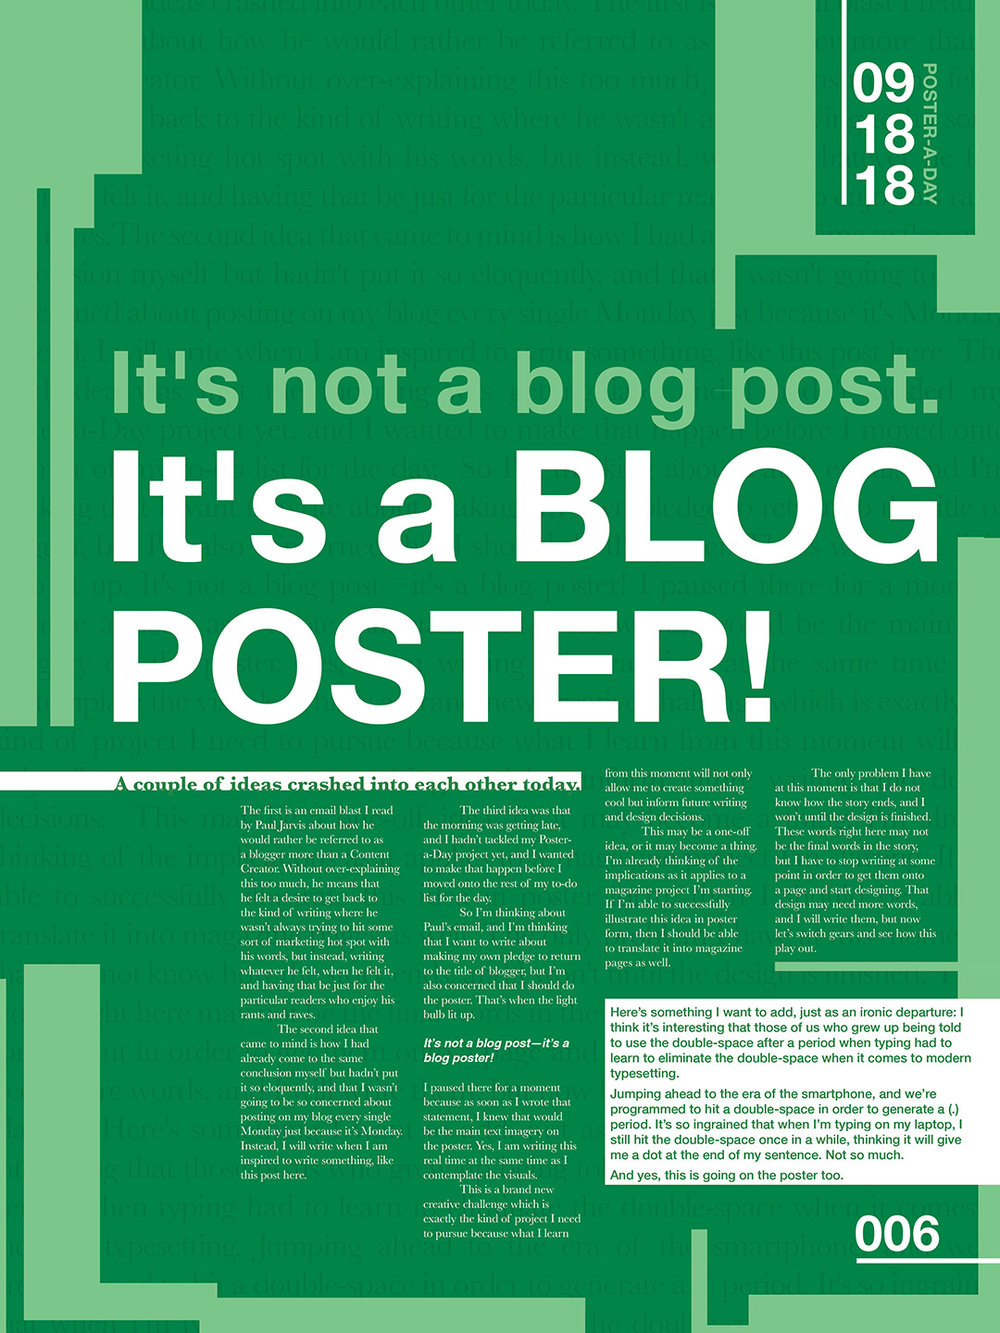 poster-a-day-september-18-2018-fullsize